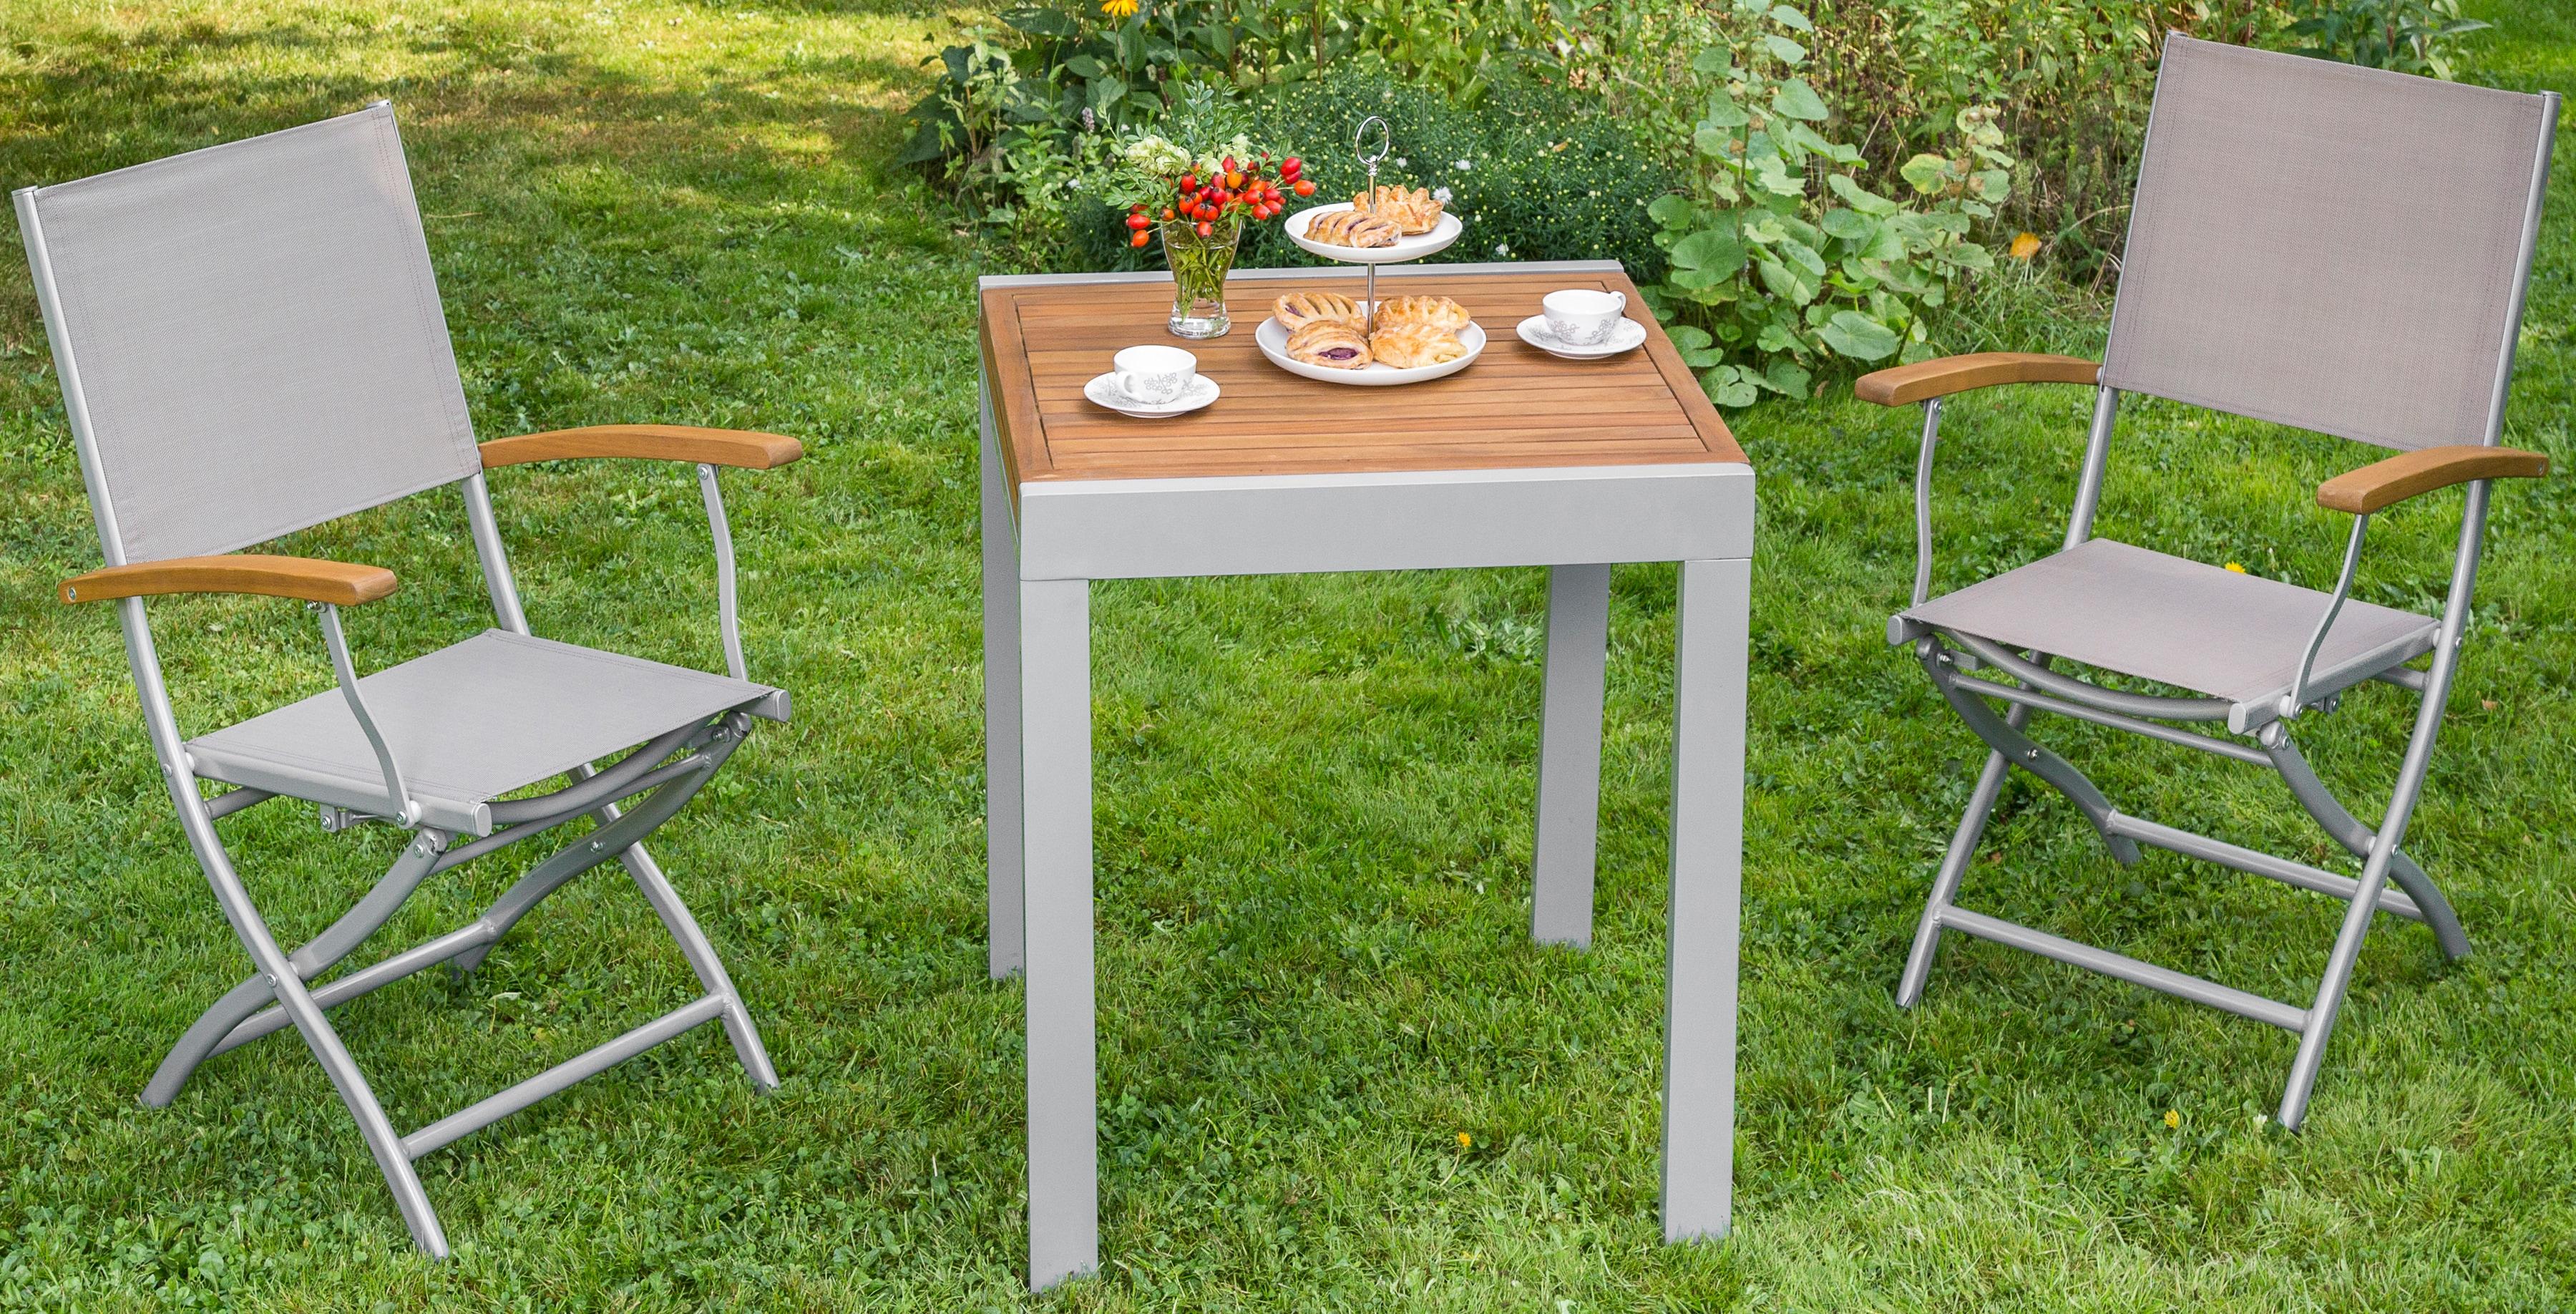 MERXX Gartentisch Balkonauszieh-tisch, Akazienholz/Alu, ausziehbar, 130x65 cm, braun | Garten > Balkon > Balkontische | Merxx